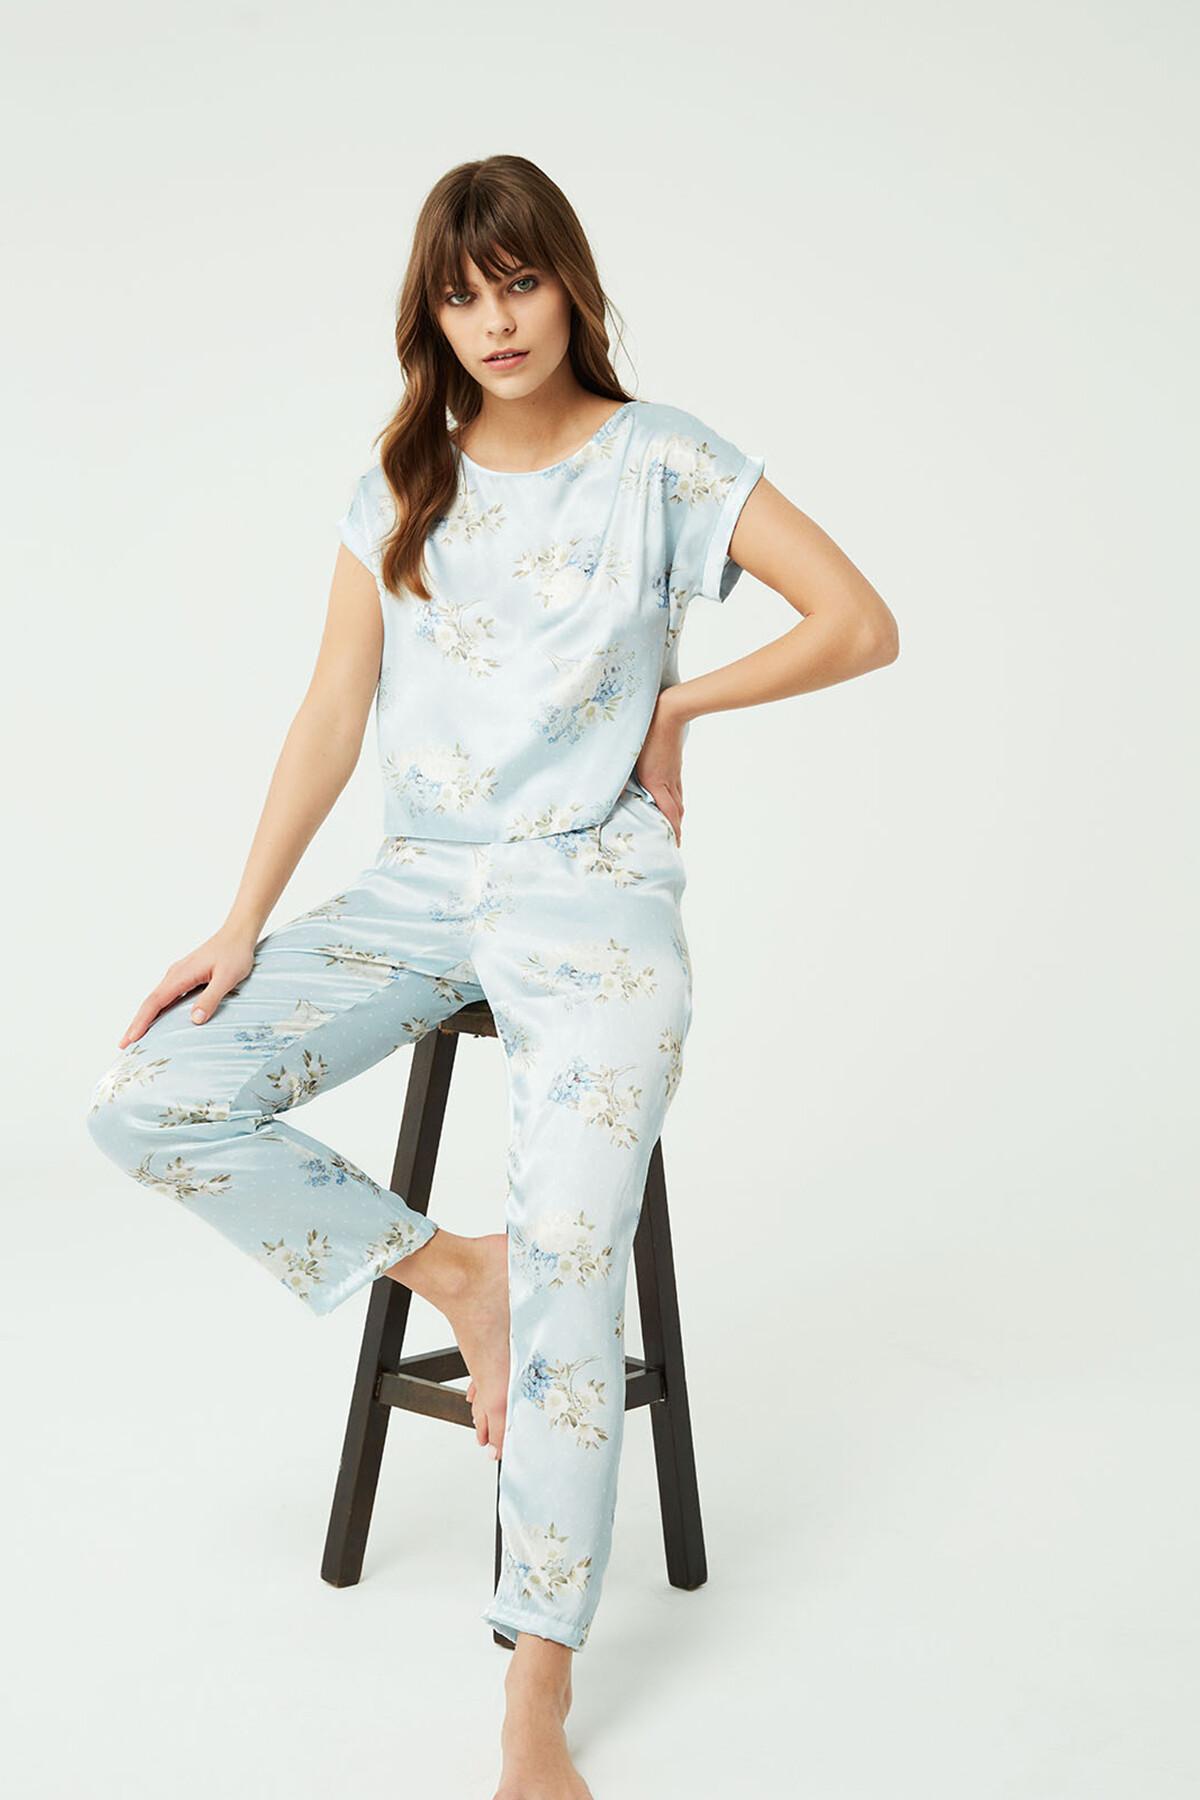 Açık Mavi Saten Pijama Takımı